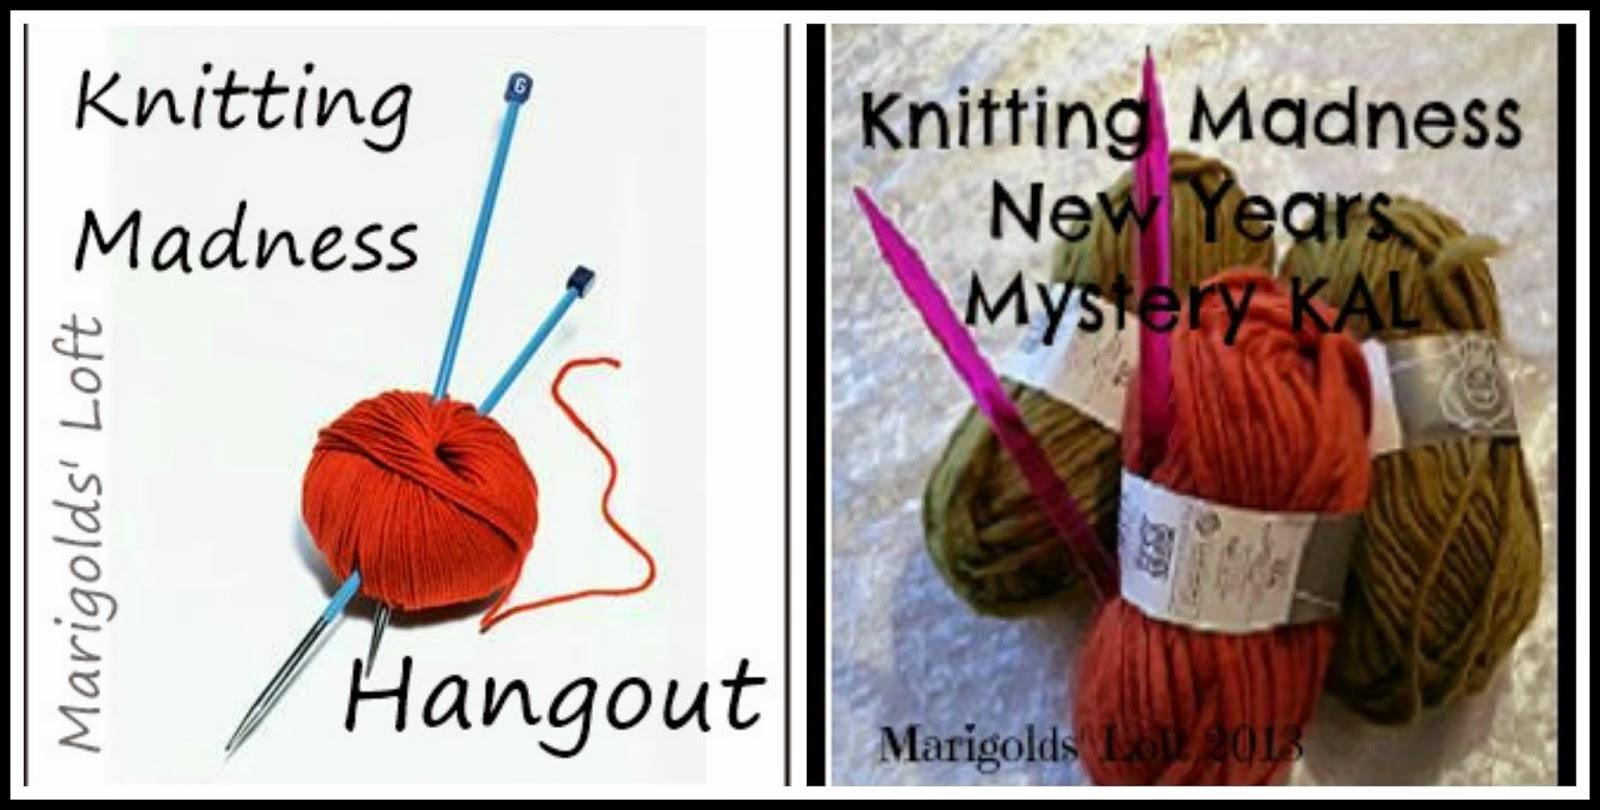 Knitting Madness hangout